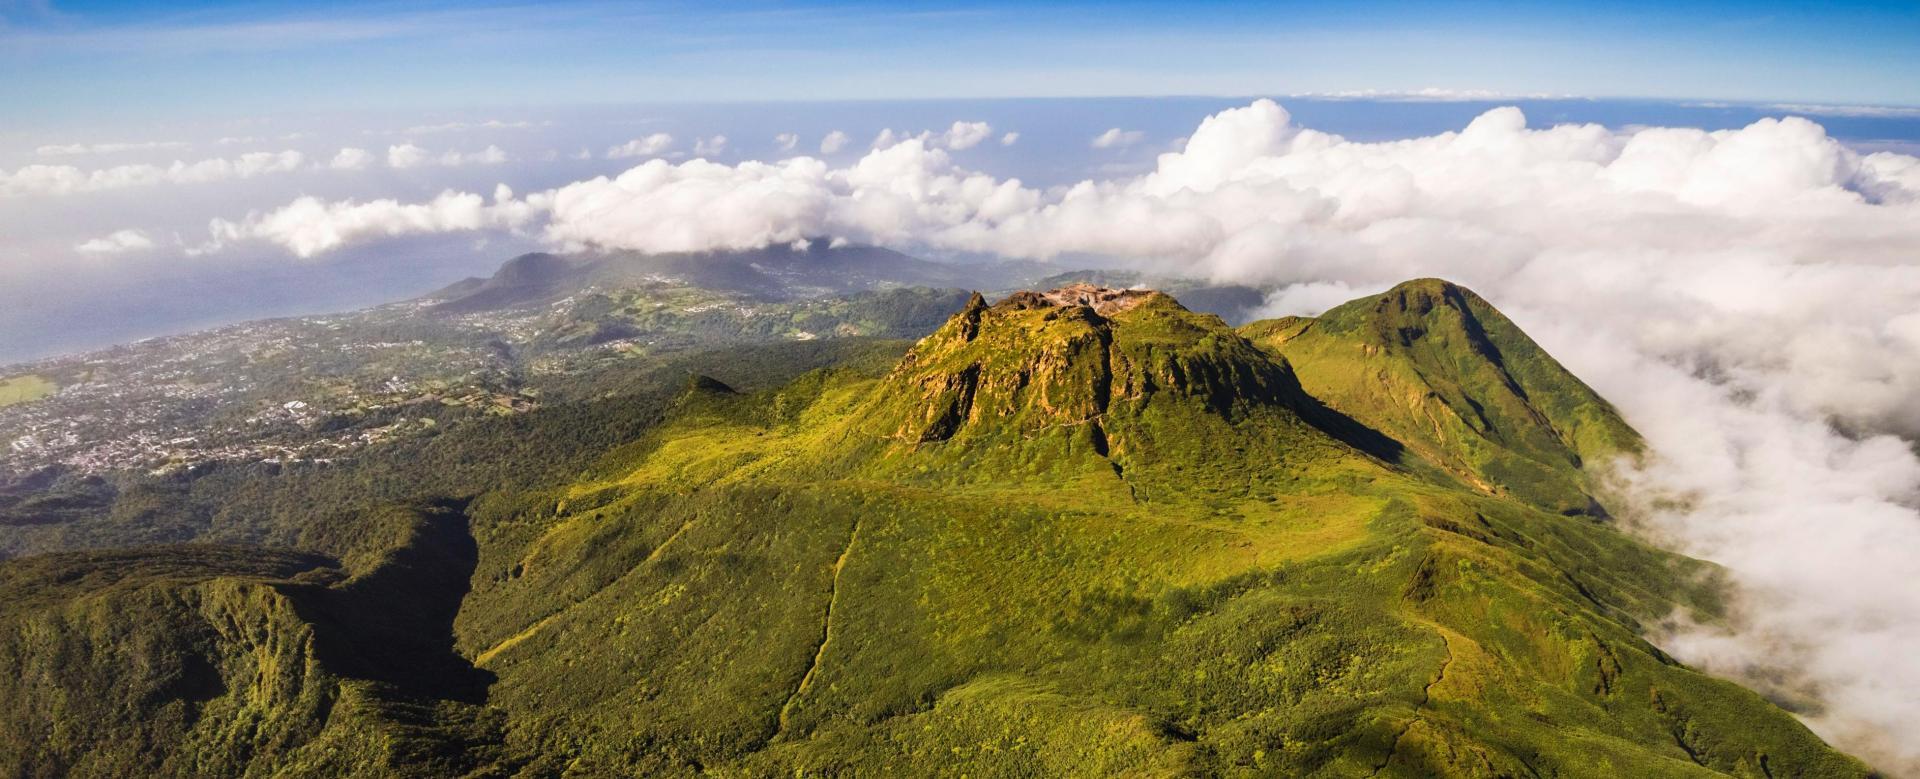 Voyage à pied : Guadeloupe : jungle, plage et volcan